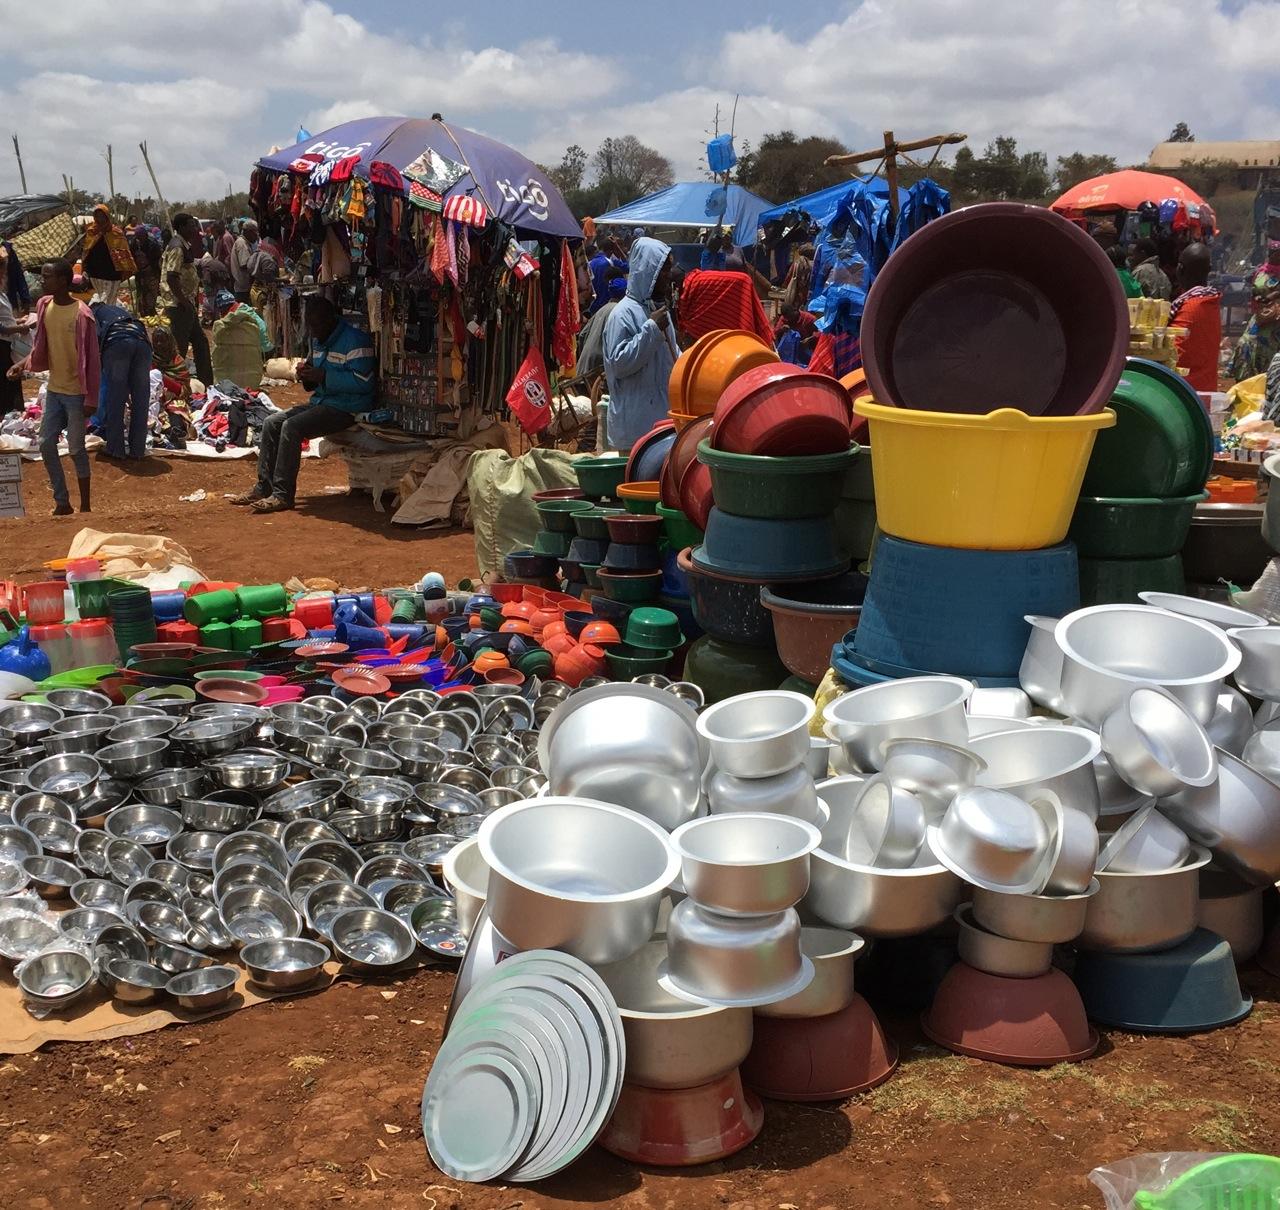 Market scene in the city of Arusha, Tanzania